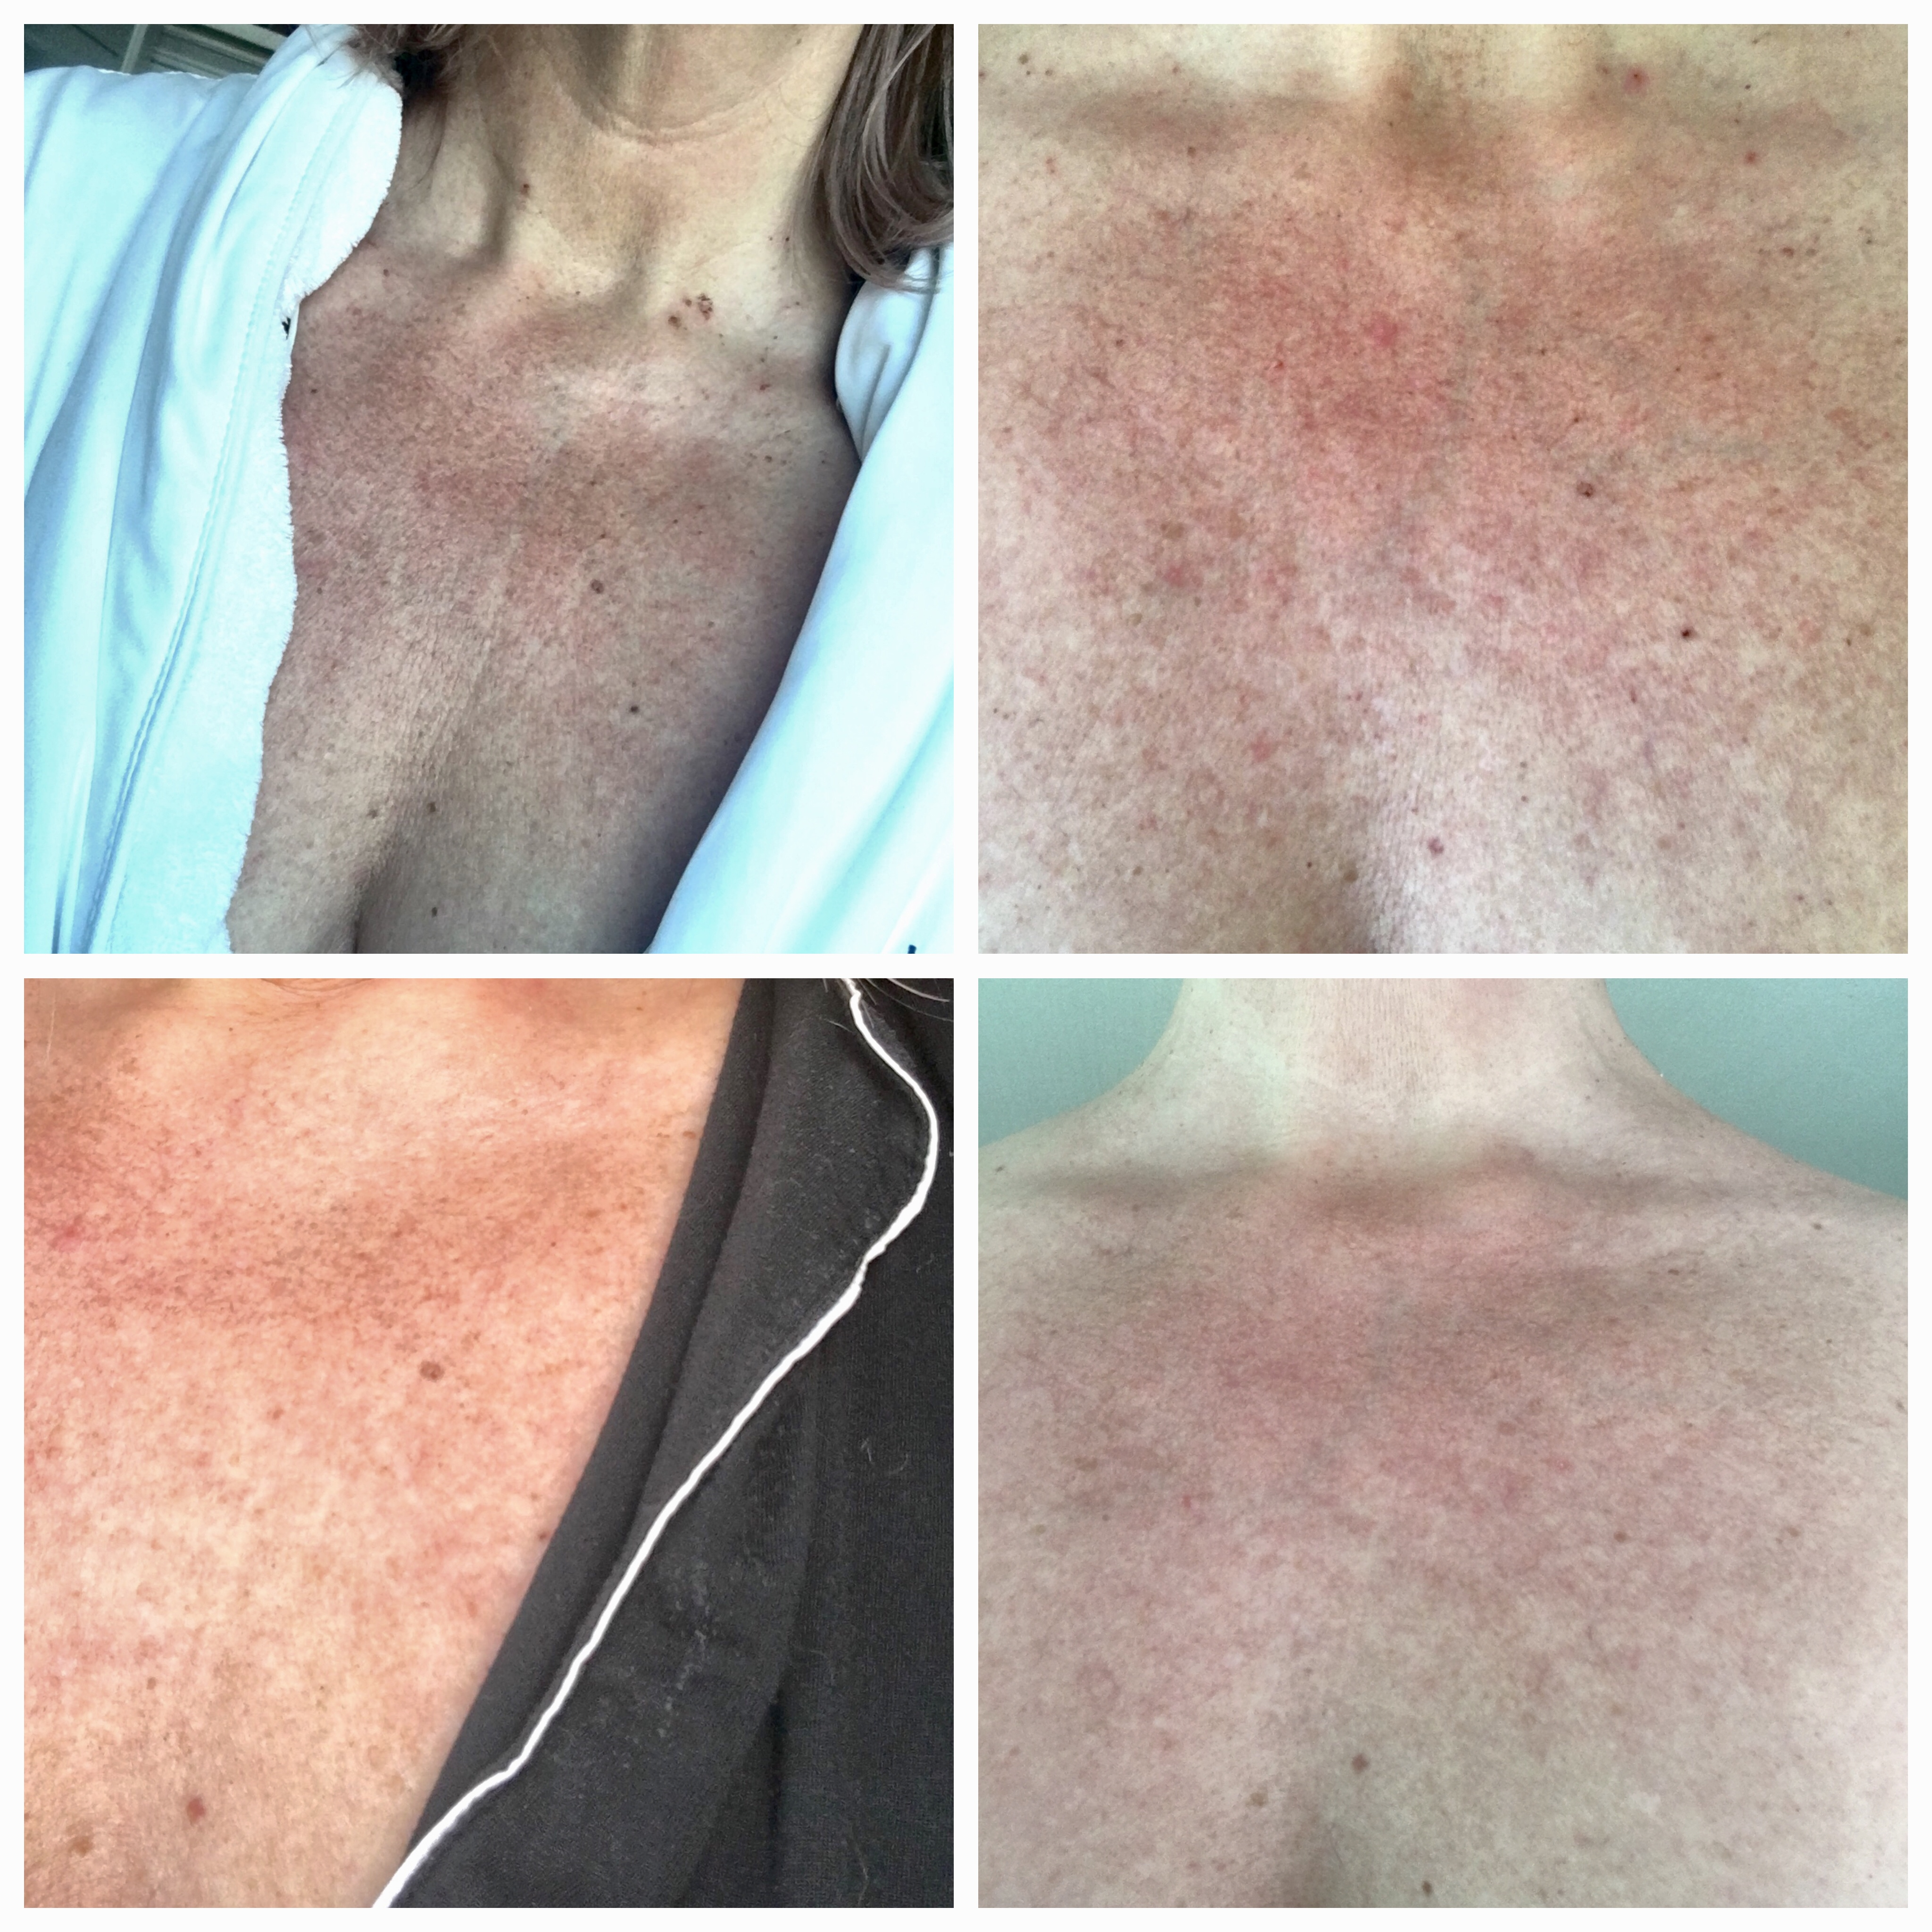 Zelfgemaakte foto's van mijn decolleté, vlnr: op 20 april, de avond na de behandeling, 23 april, 27 april en 3 mei 2016